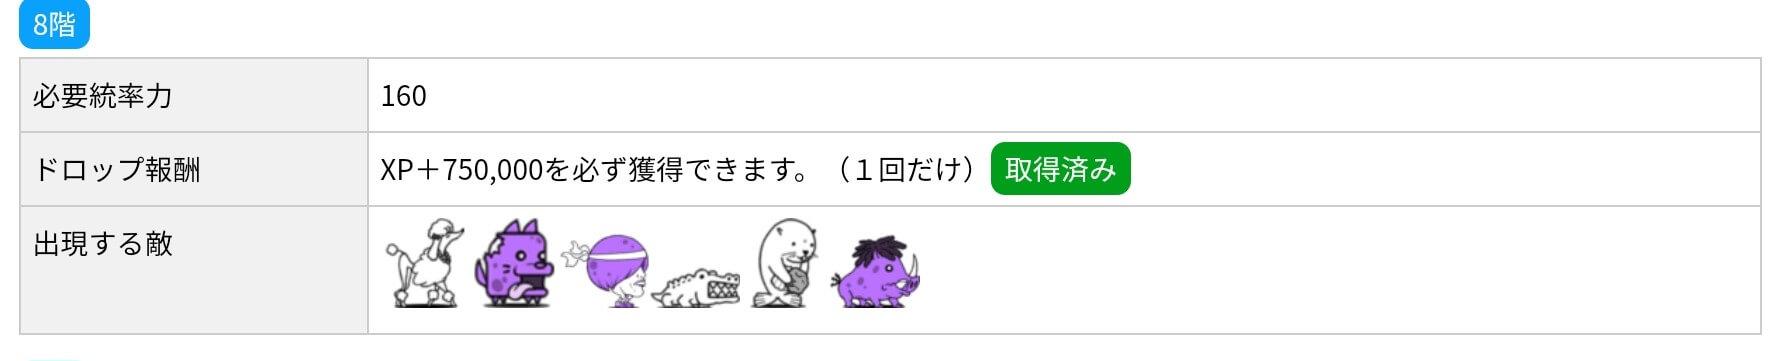 にゃんこ別塔(屍)8階 敵編成